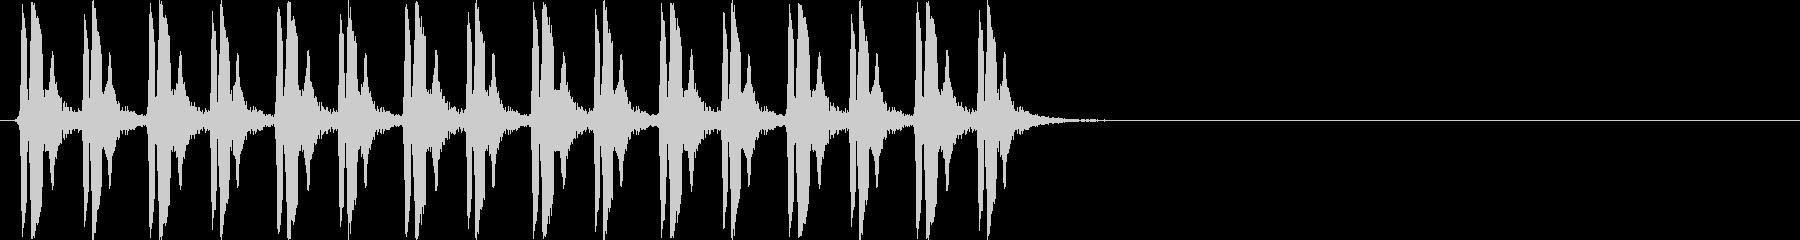 ぴよぴよぴよぴよ×2(混乱状態、遅め)の未再生の波形